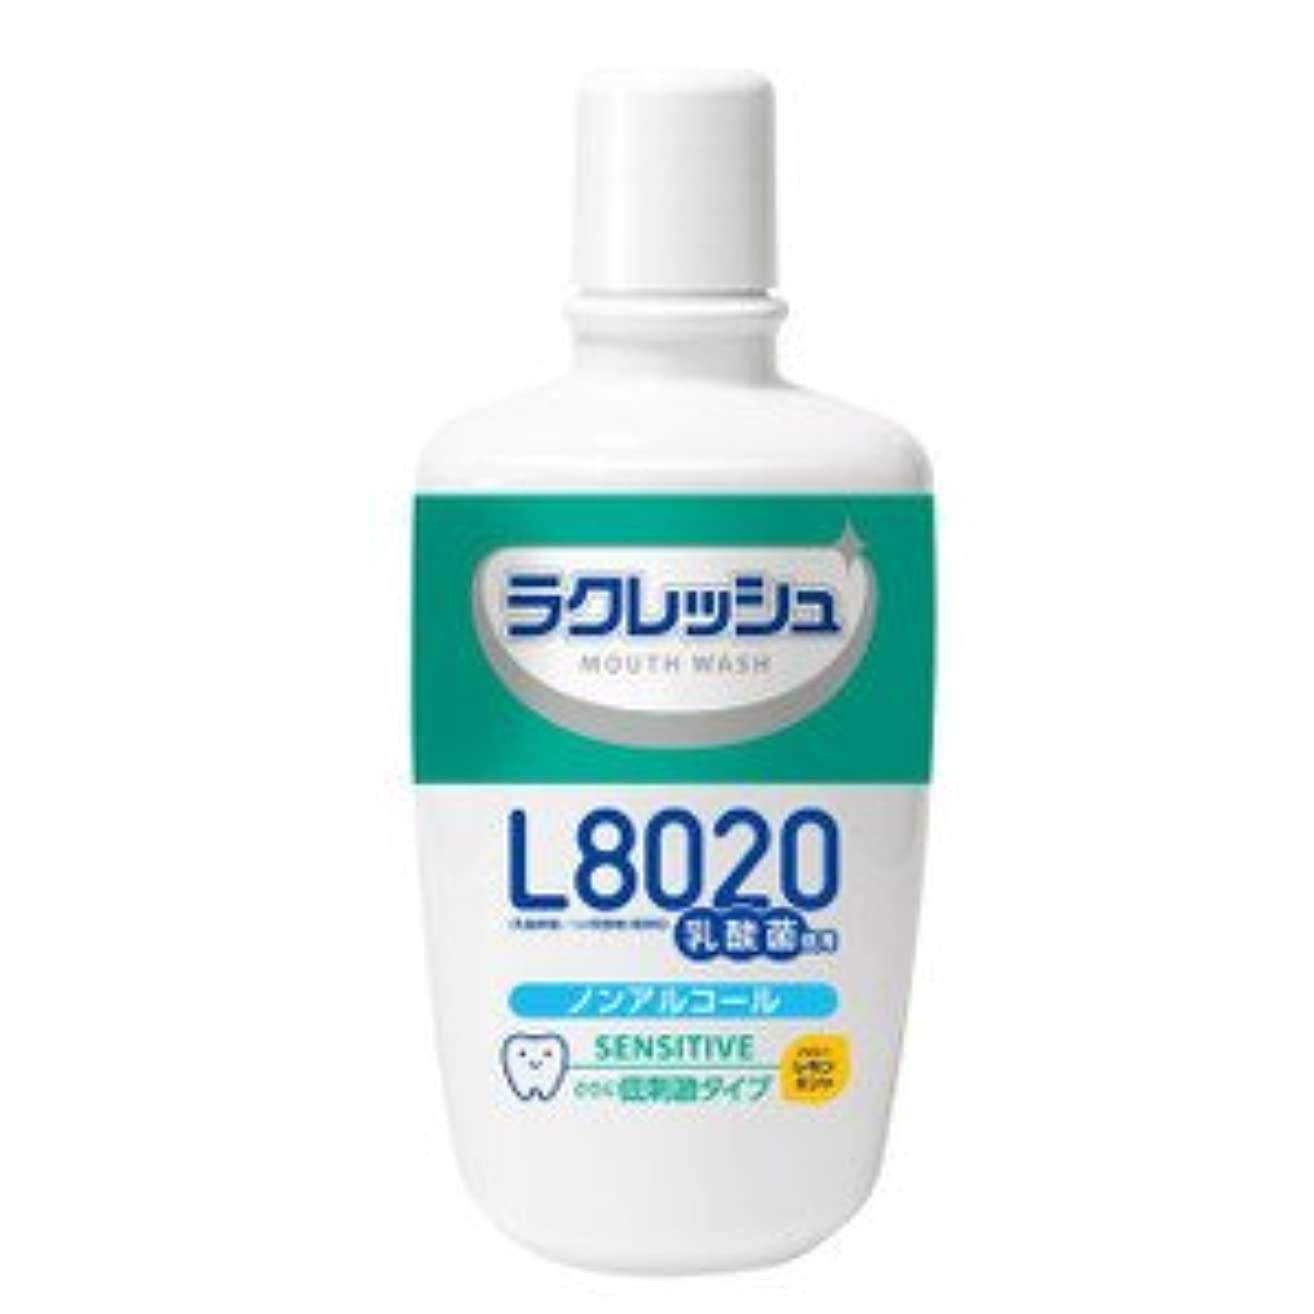 病な言語学時間ジェクス ラクレッシュ L8020乳酸菌 マウスウォッシュ 洗口液センシティブタイプ 300ml×10個セット